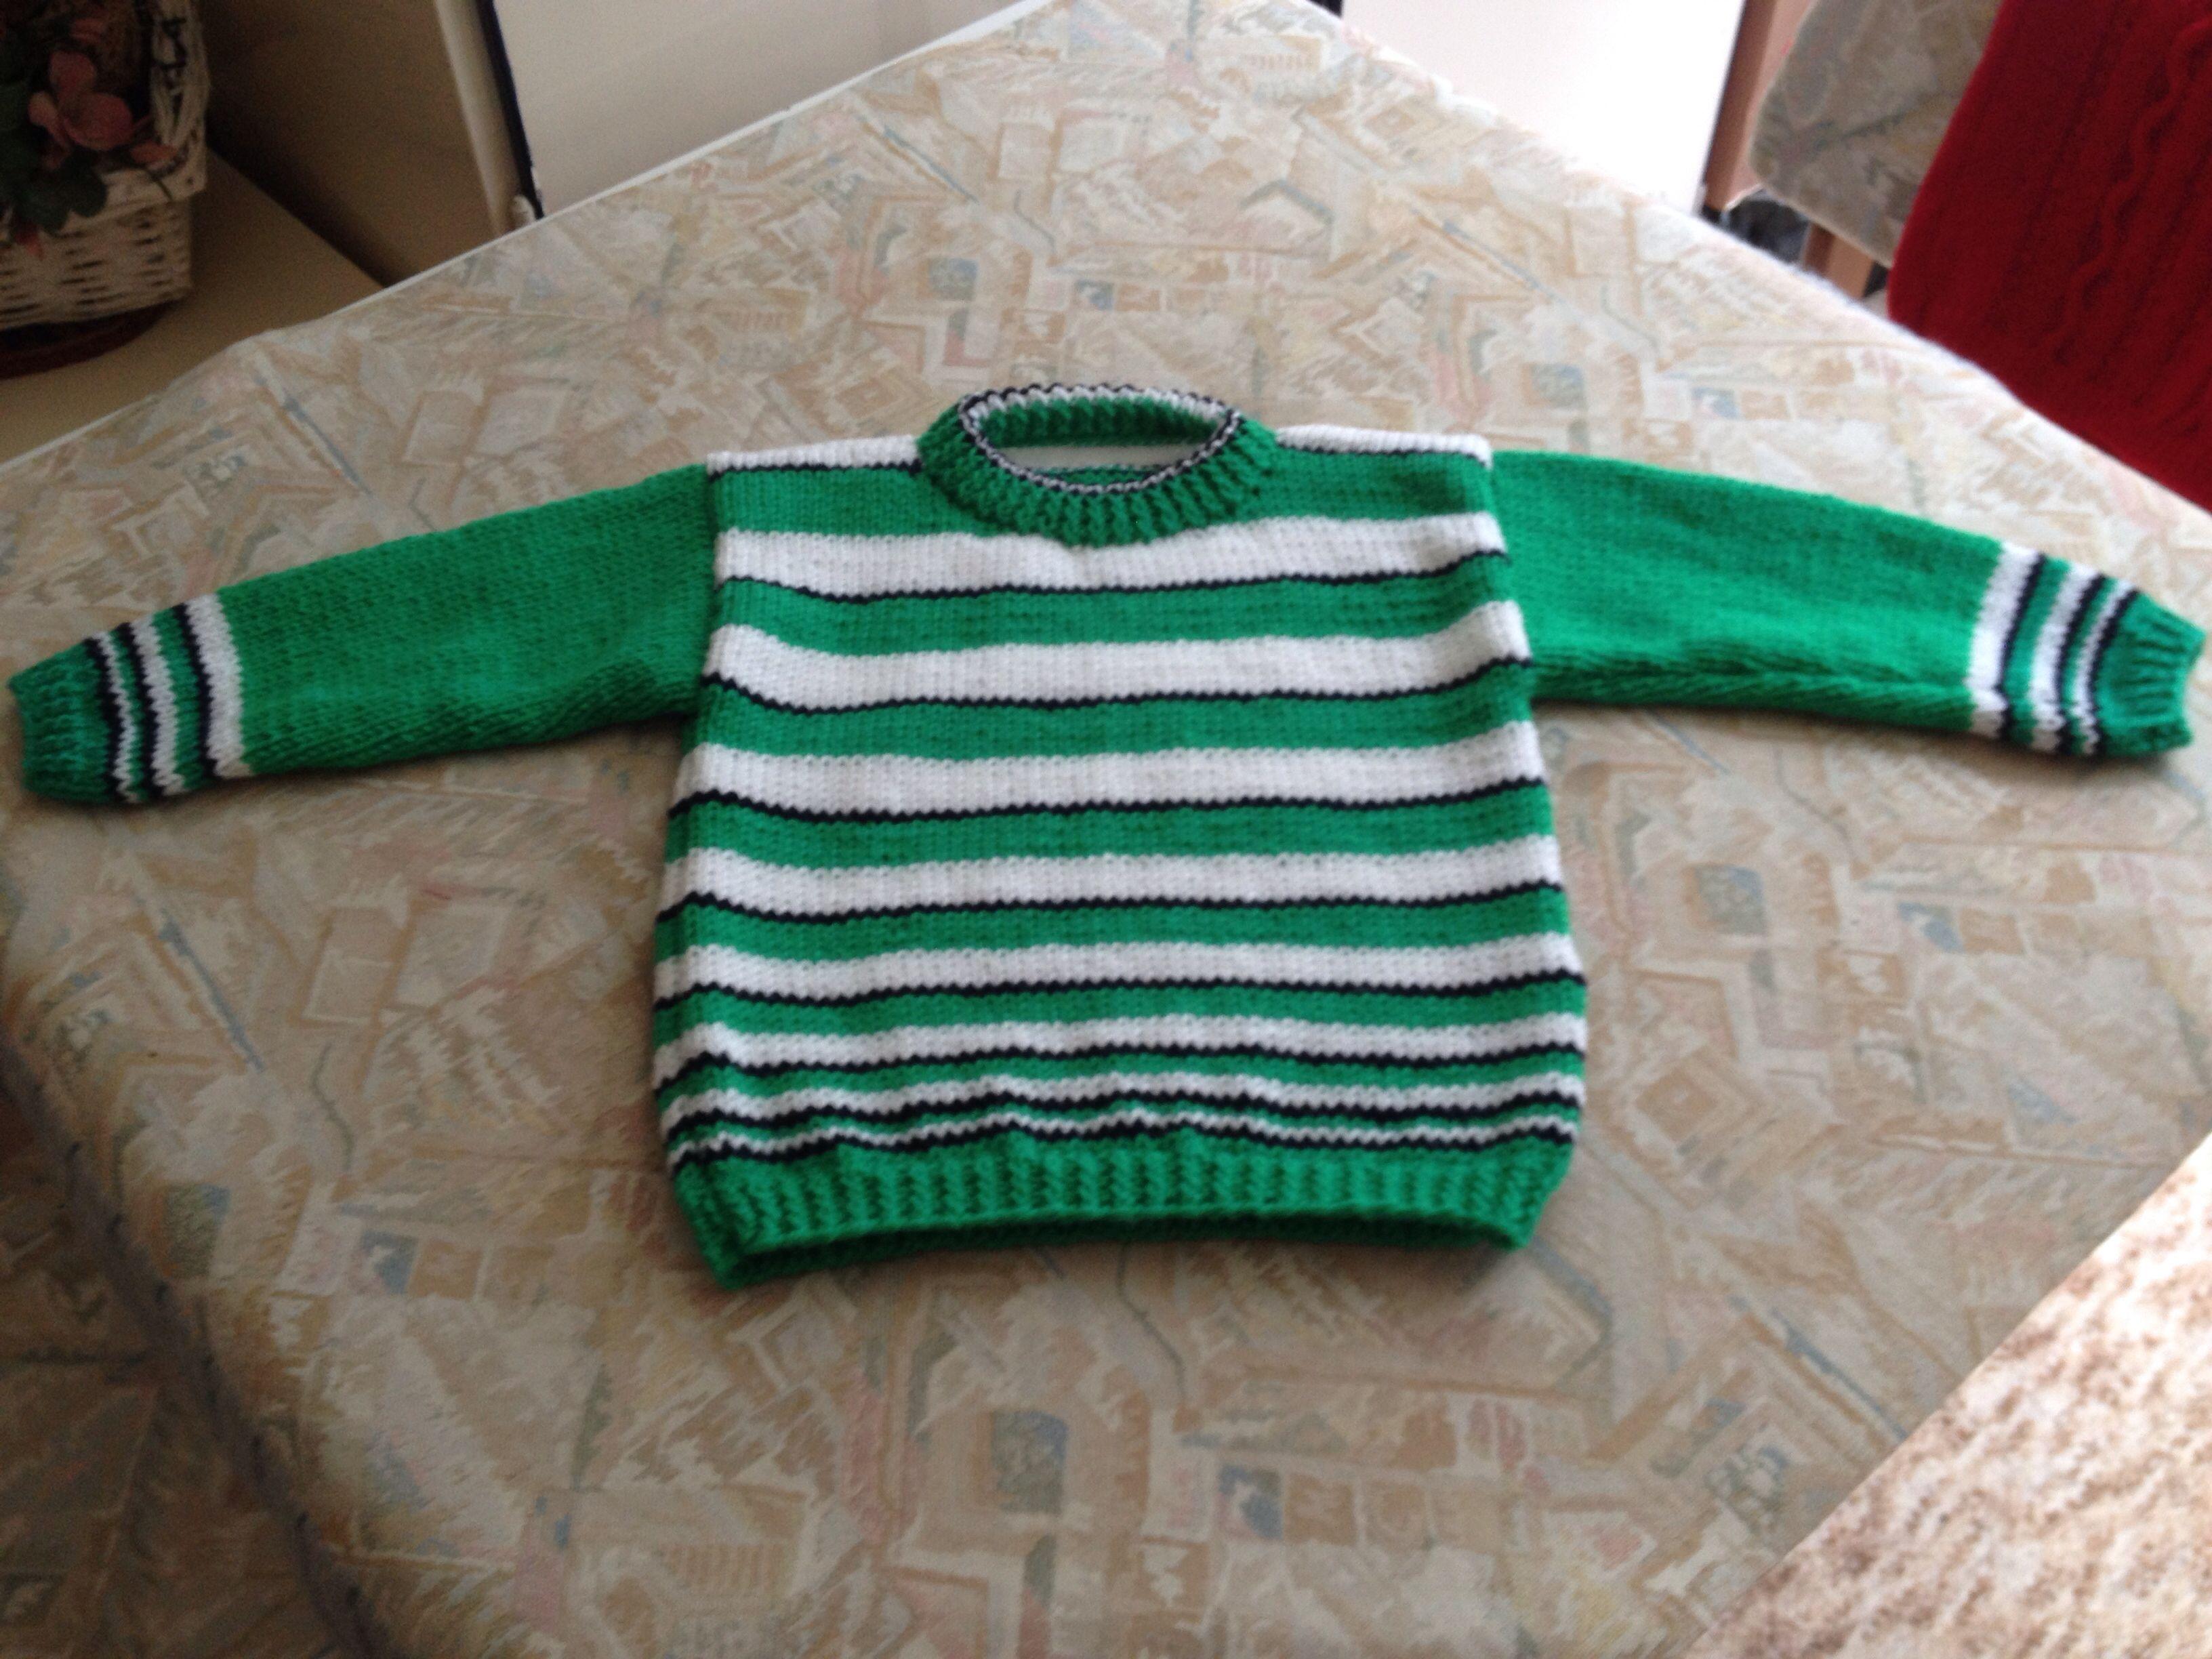 Groen Zwart Gestreepte Trui.Green White Black Striped Hand Knitted Kids Sweater Groen Wit